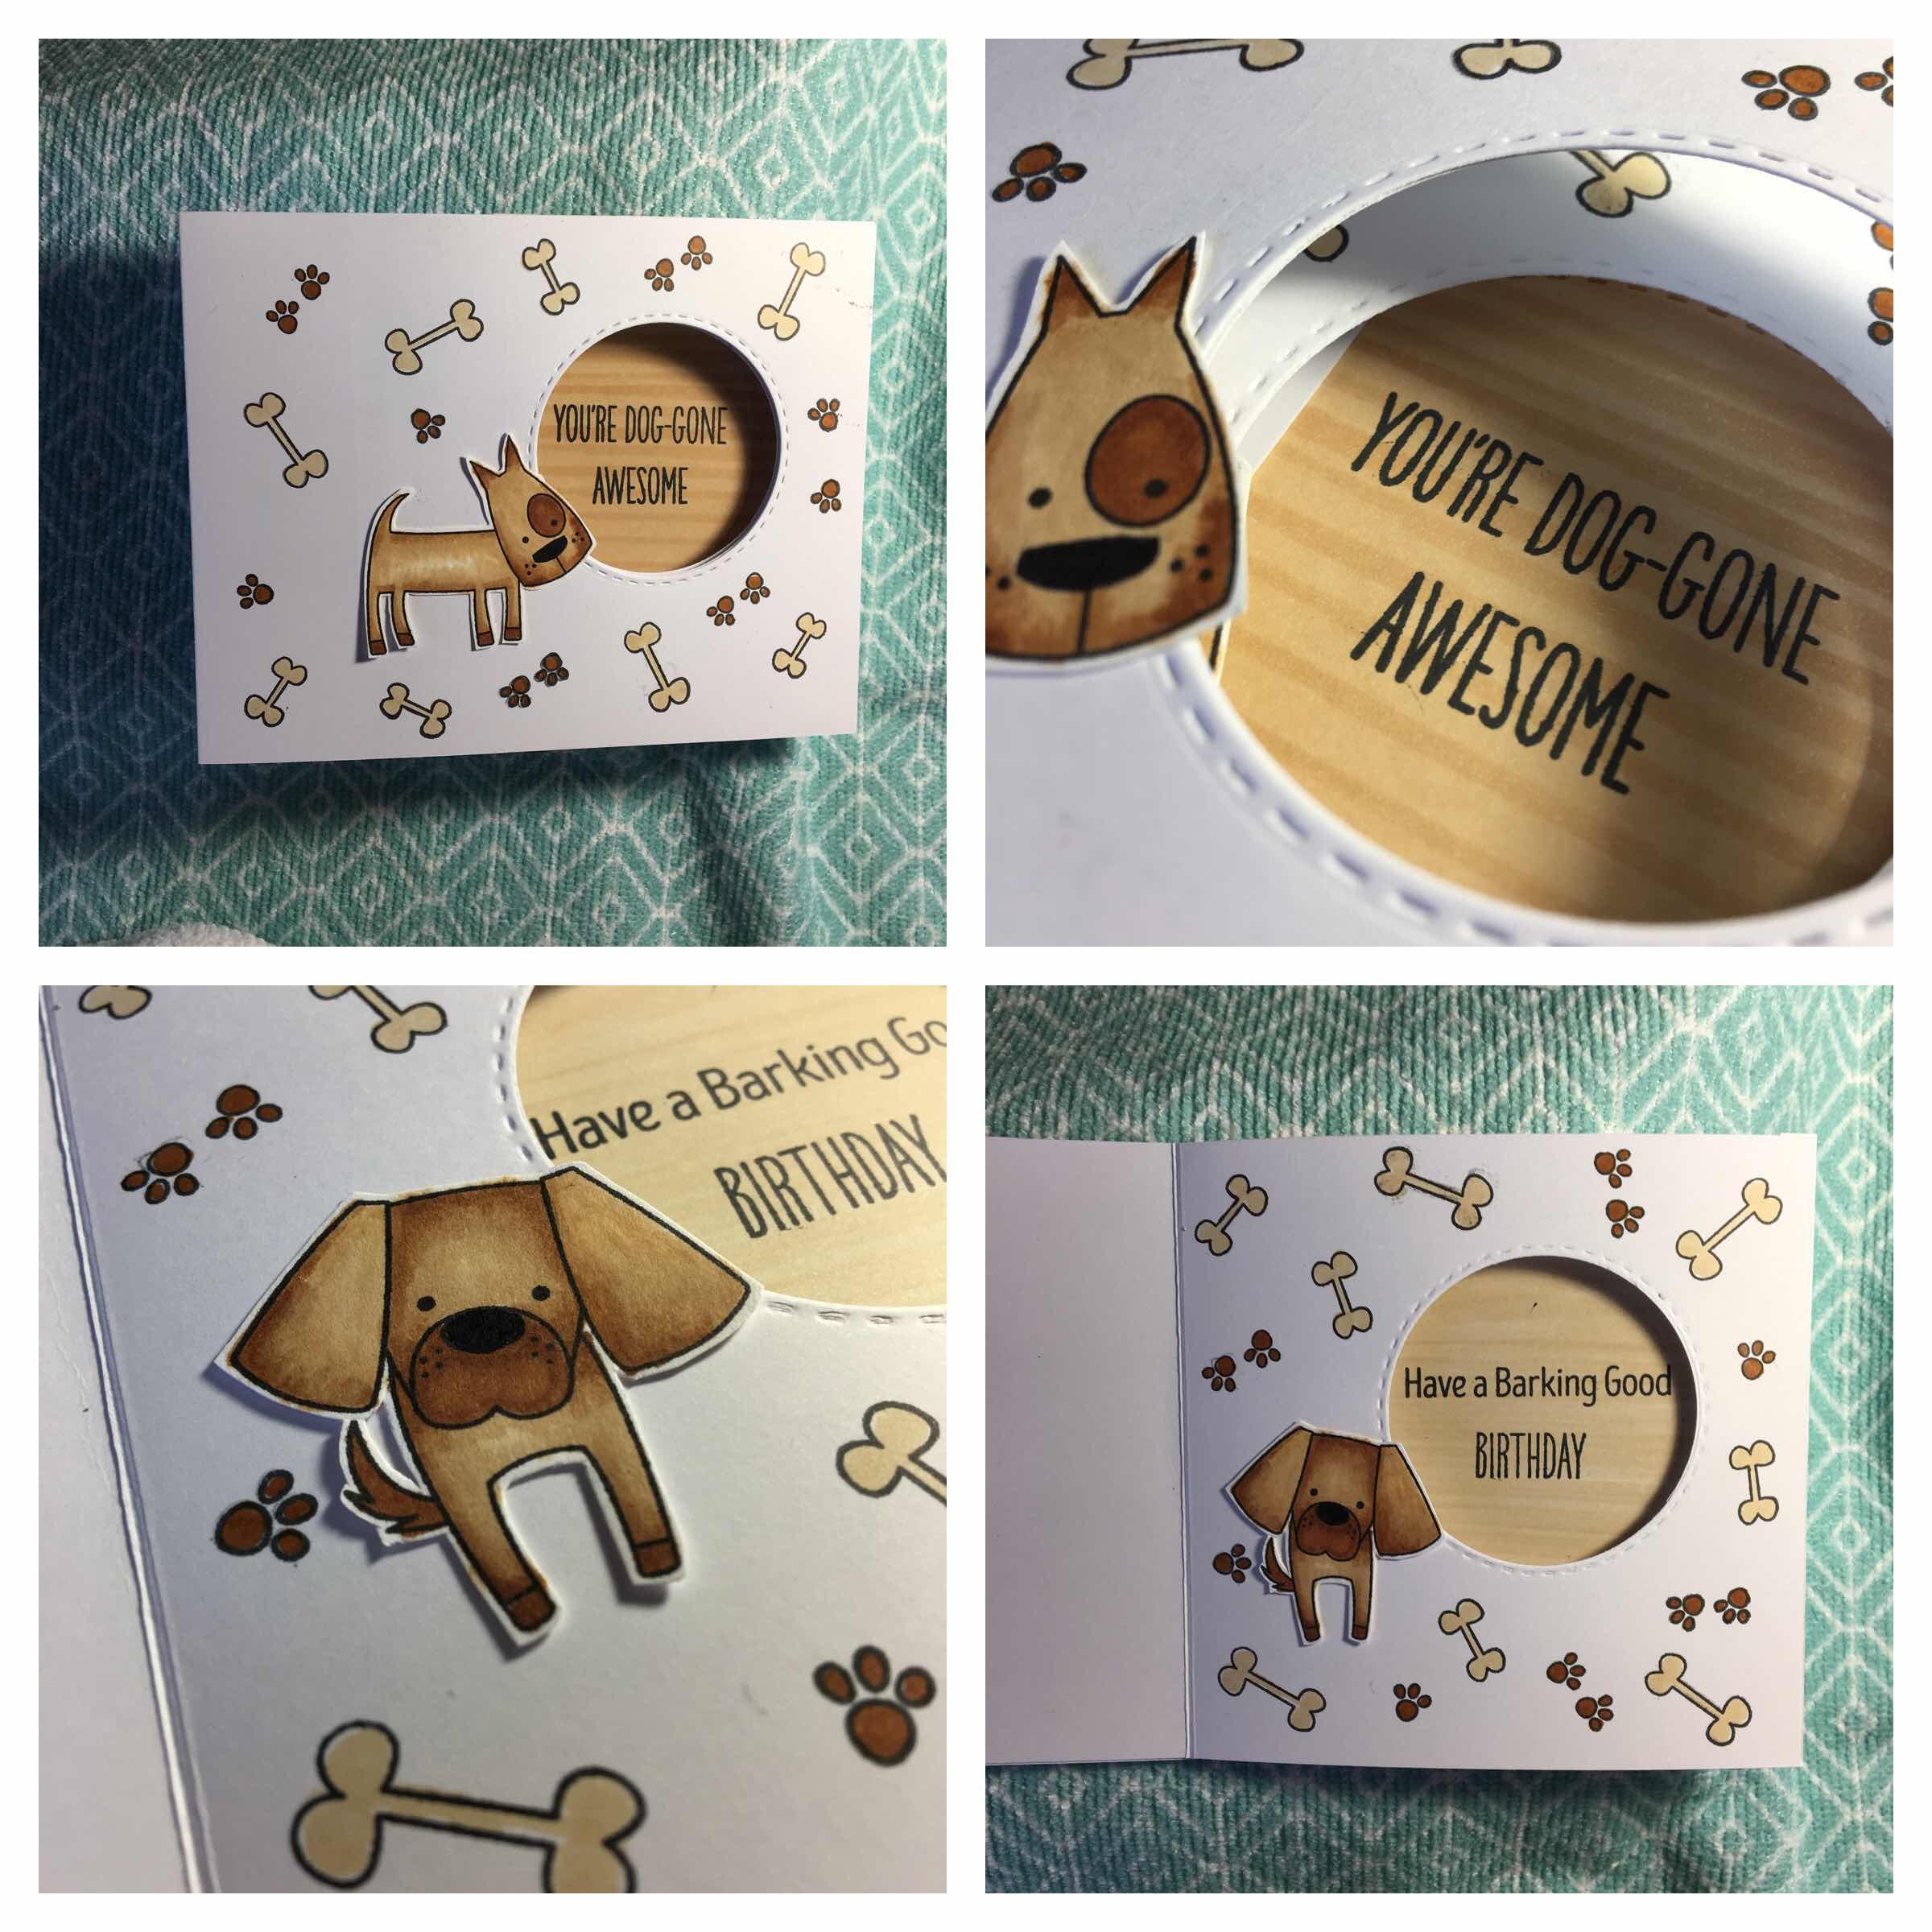 Dog-Gone Awesome MFT Peek-a-Boo